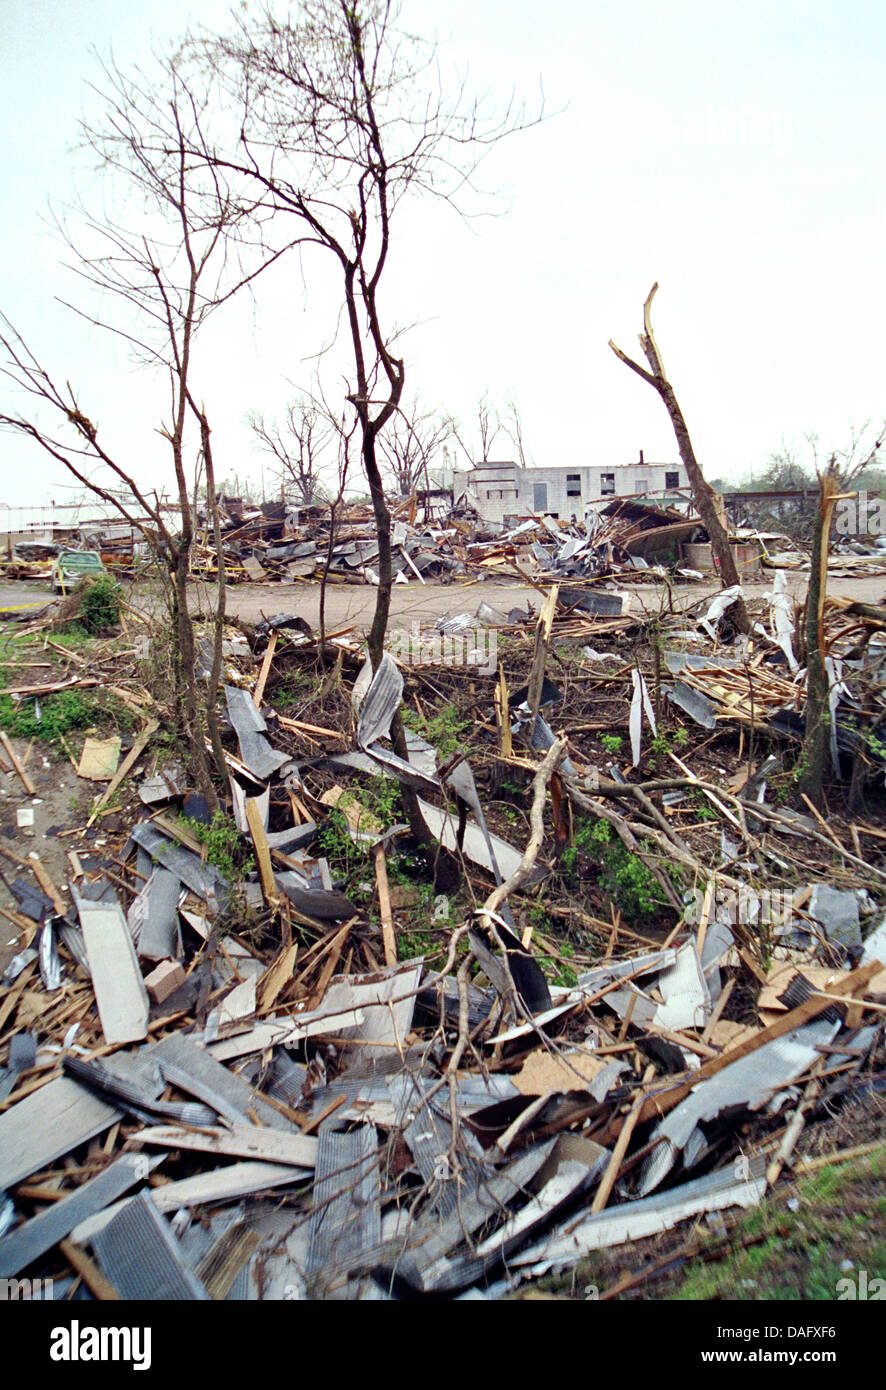 Nach der Zerstörung verursacht durch Hurrikan Andrew 24. August 1992 in Dade County, Florida. Stockbild